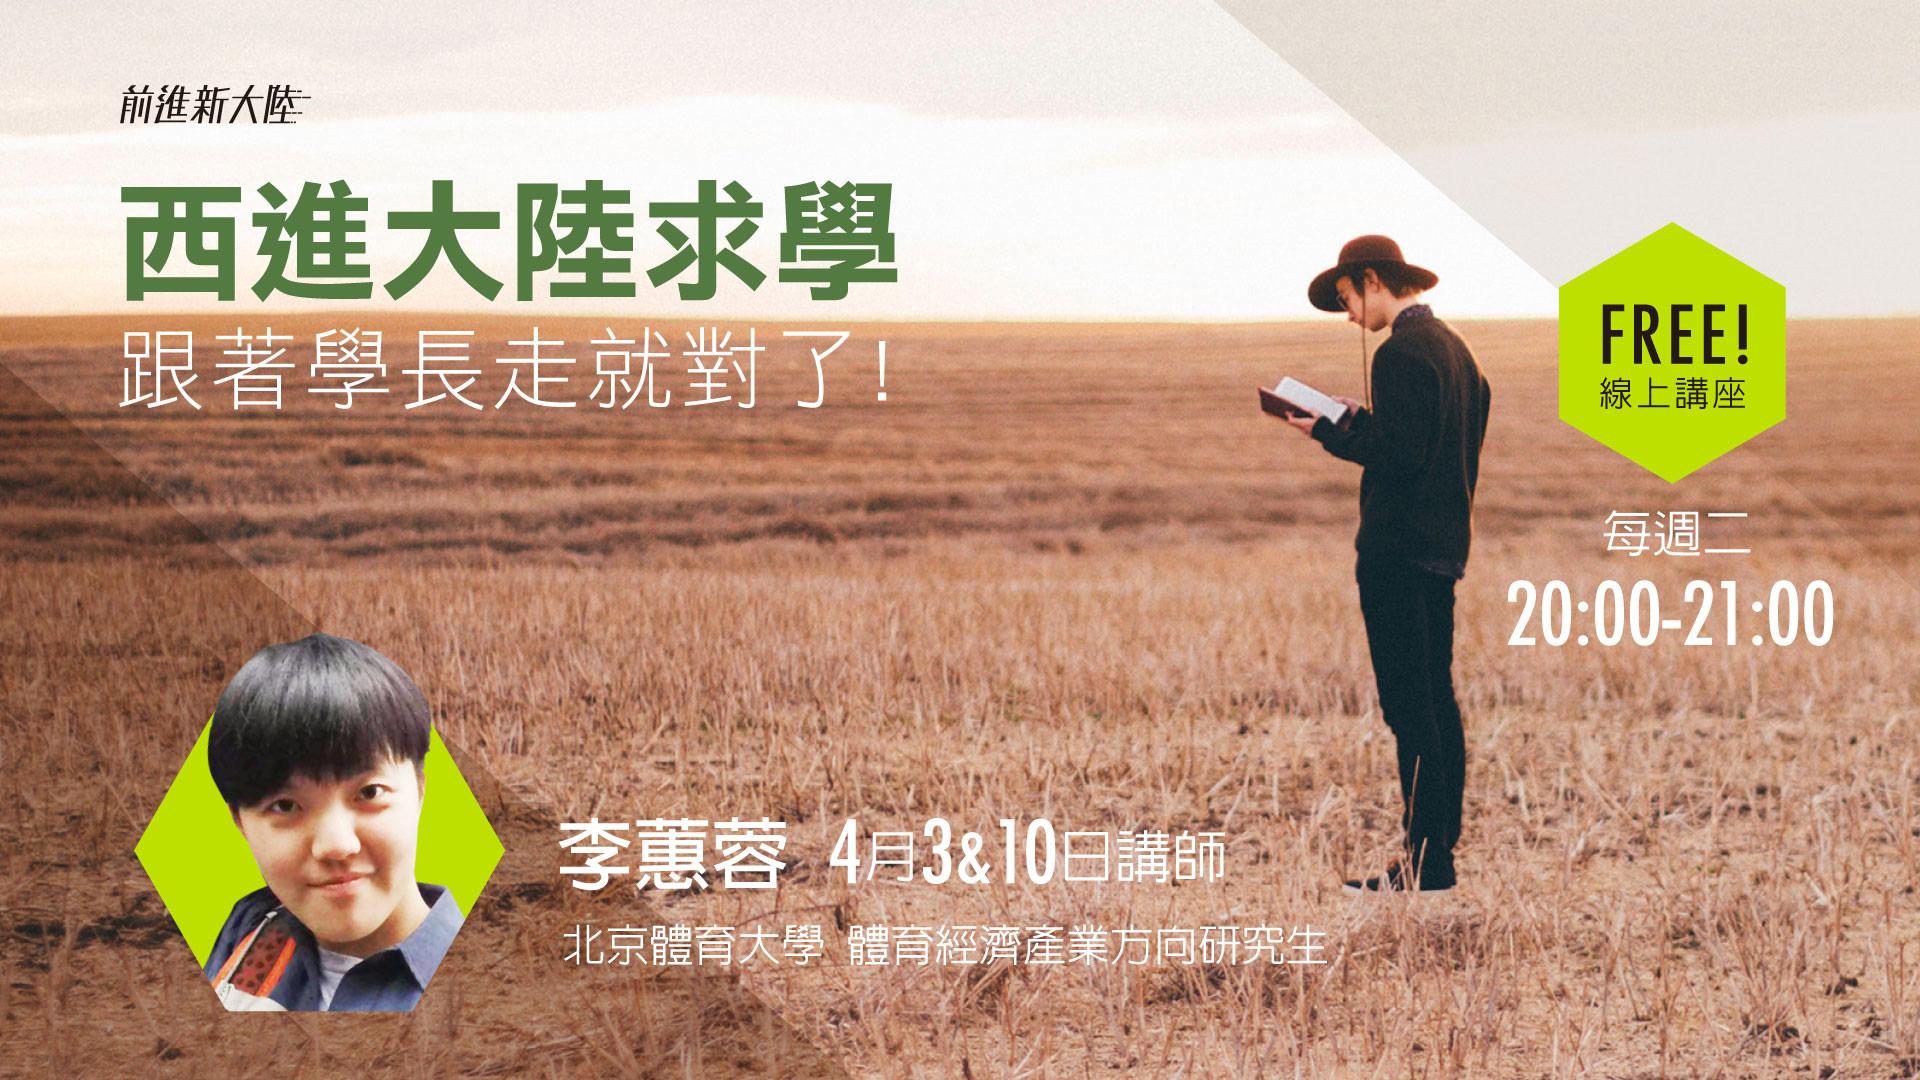 西進中國大陸求學│北京體育大學part 2.